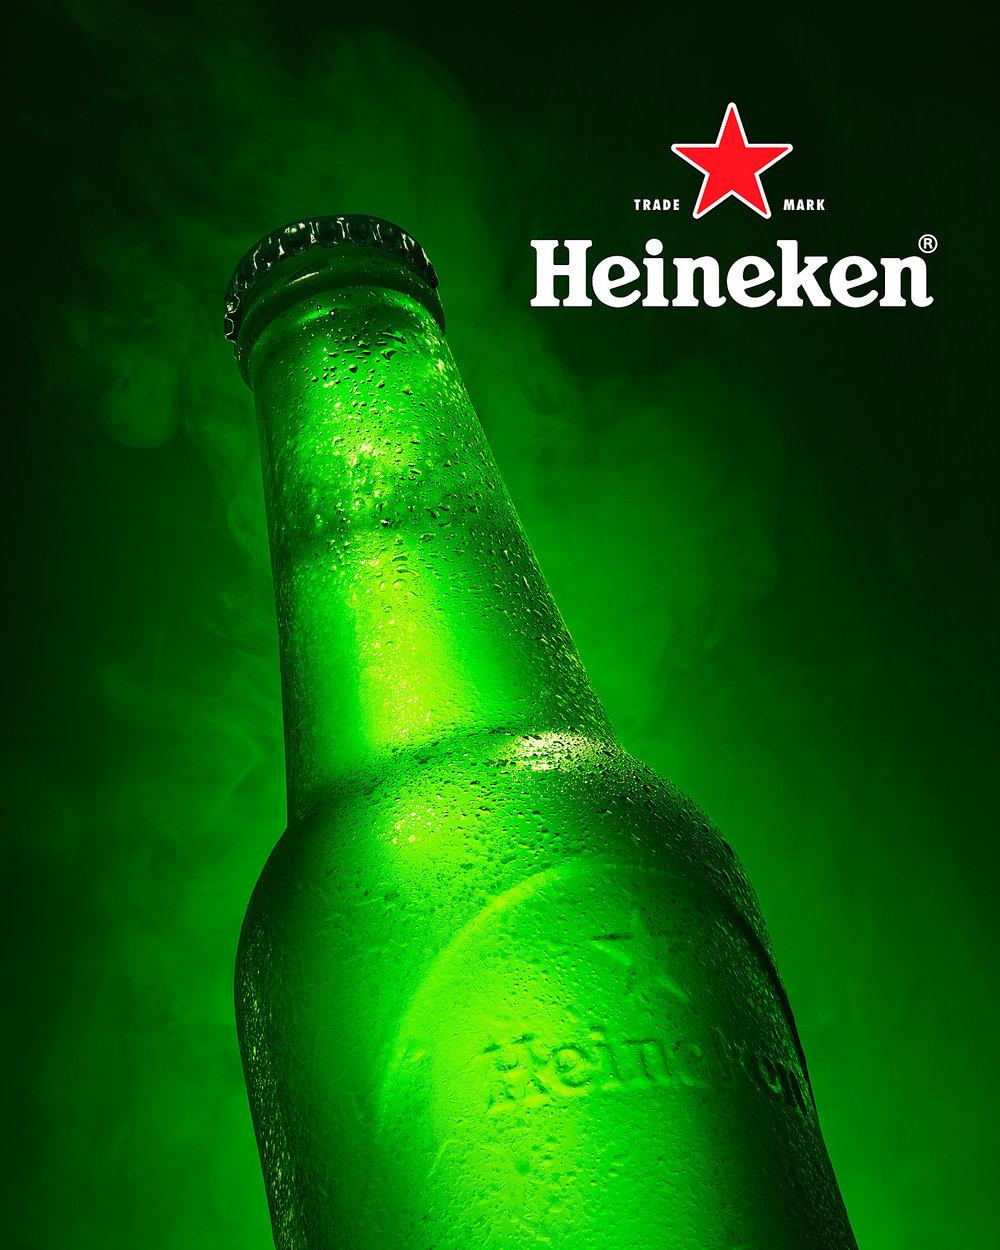 181019_NS_Heineken_290_FB_Hero_BMS_R1_1_web.jpg